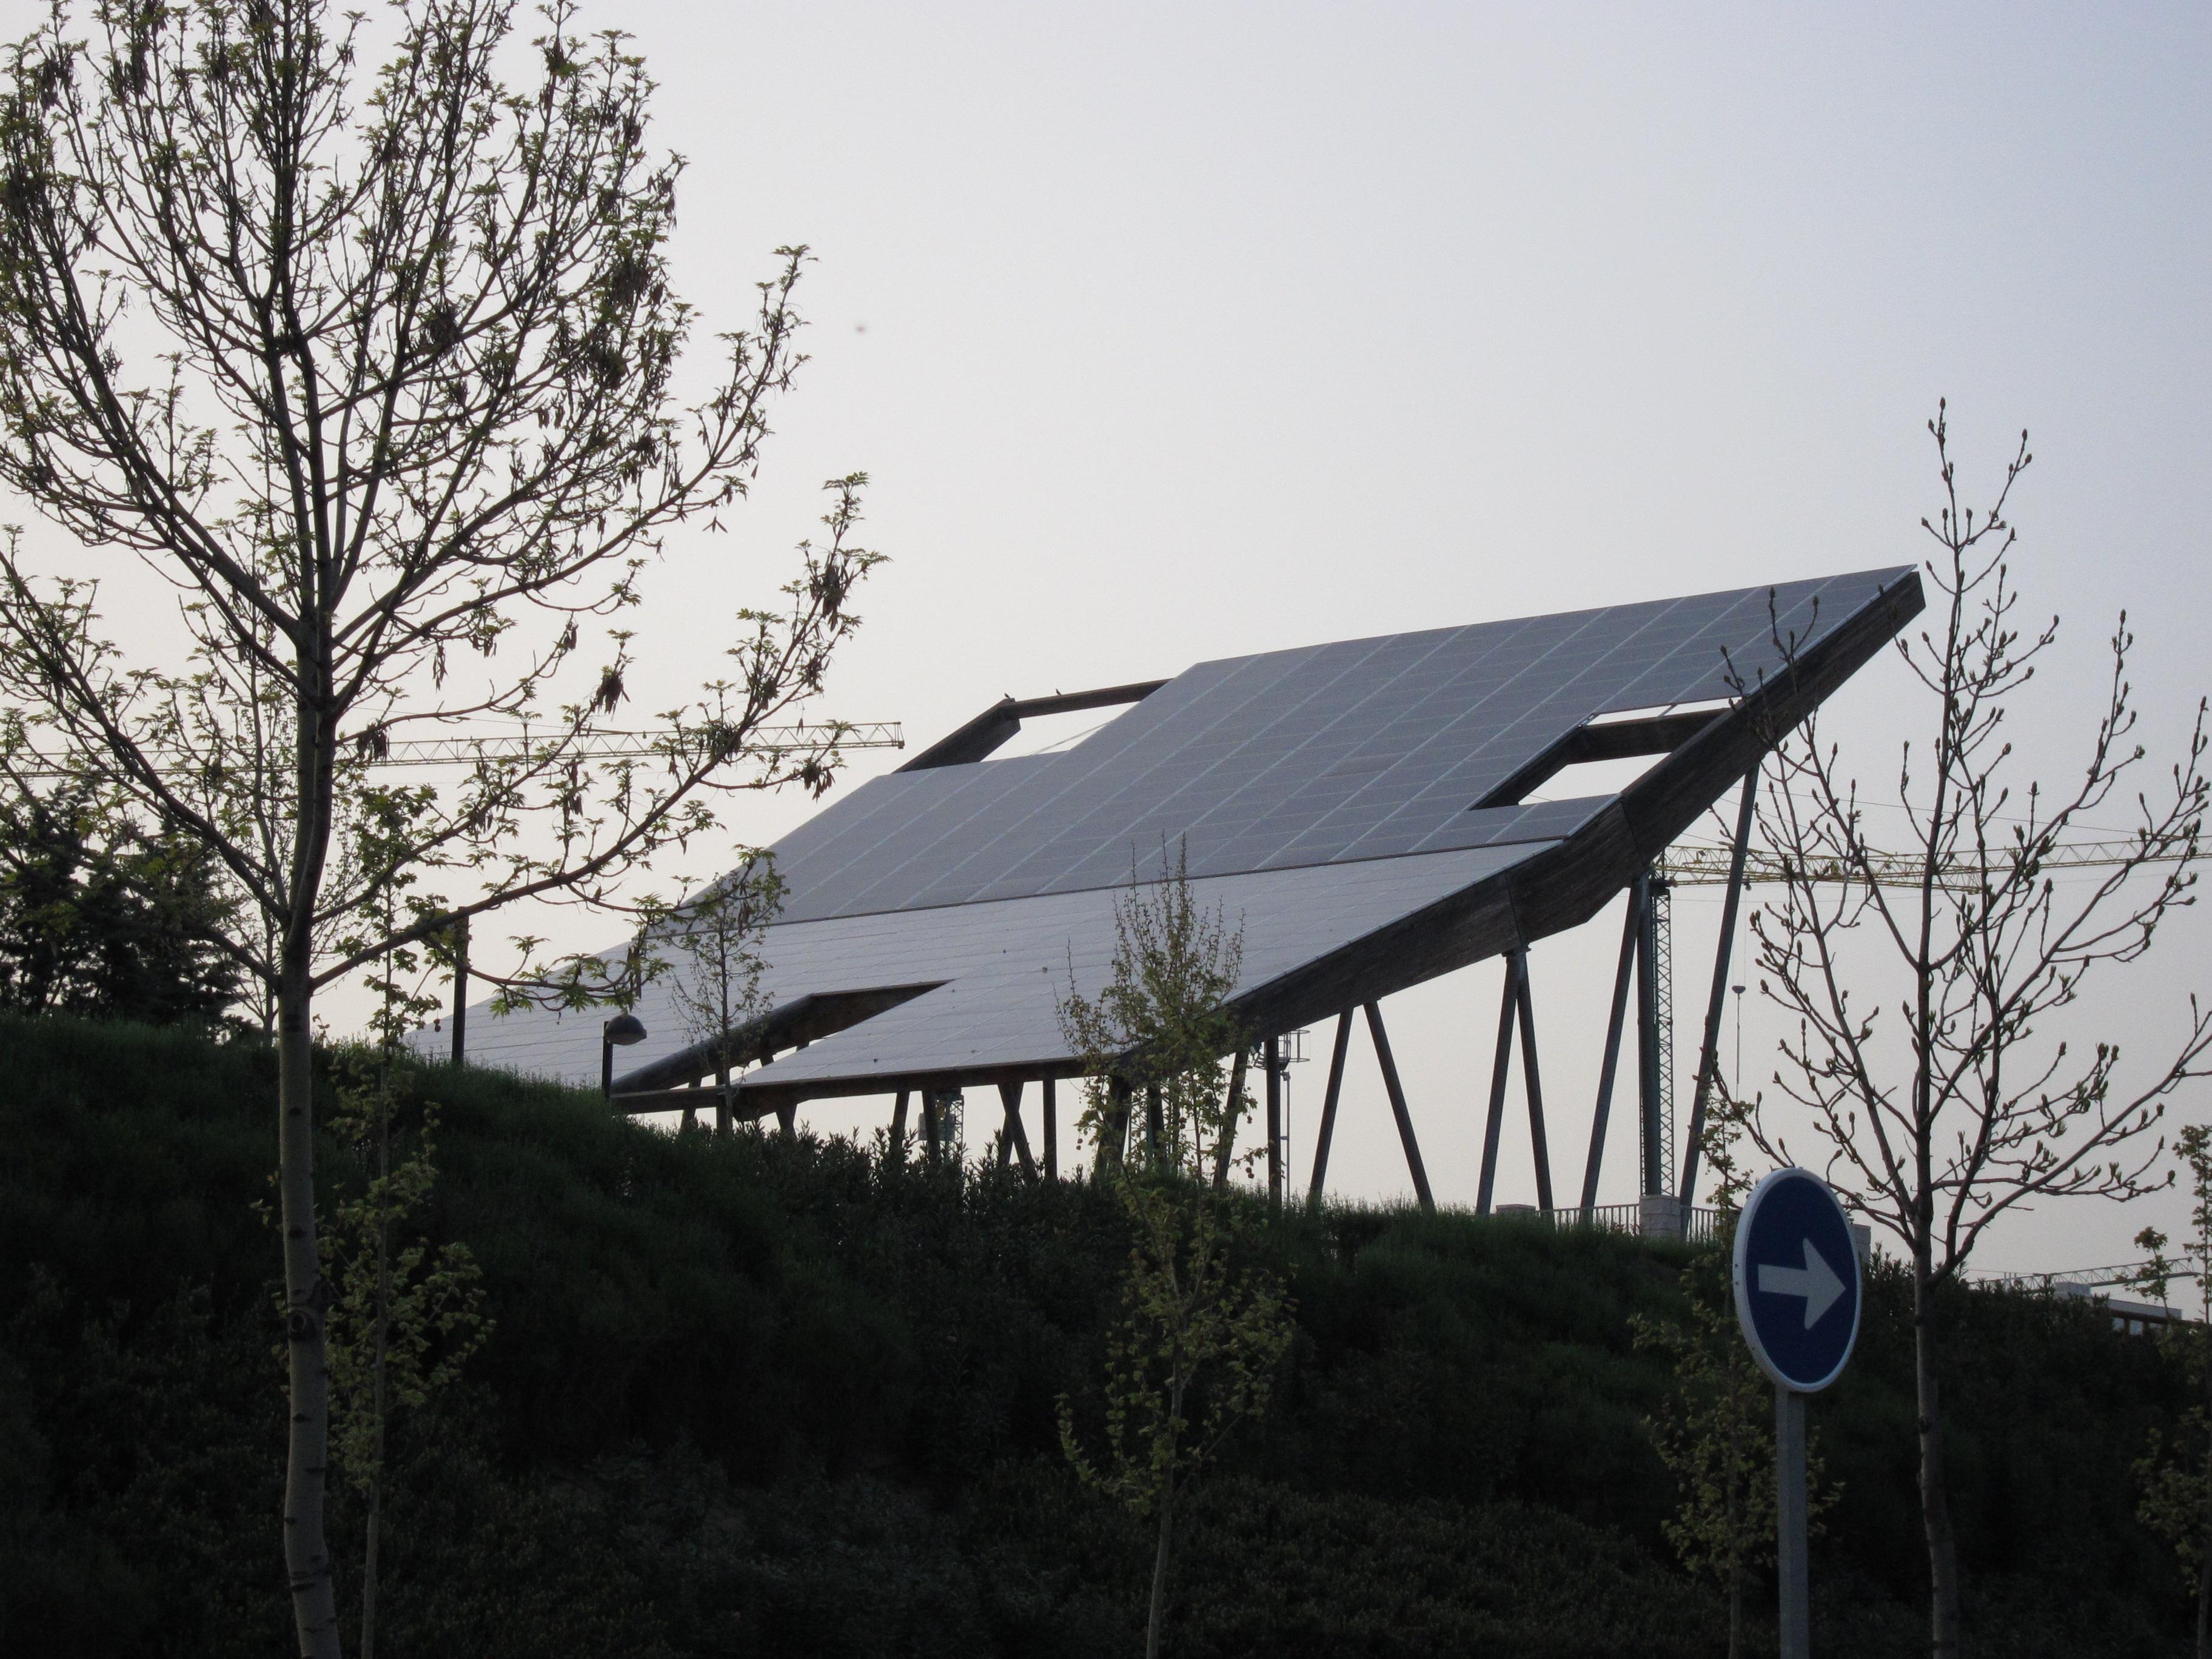 Economía/Energía- Anpier dice que 700 millones de déficit imputados a renovables son en realidad ganancias de mercado